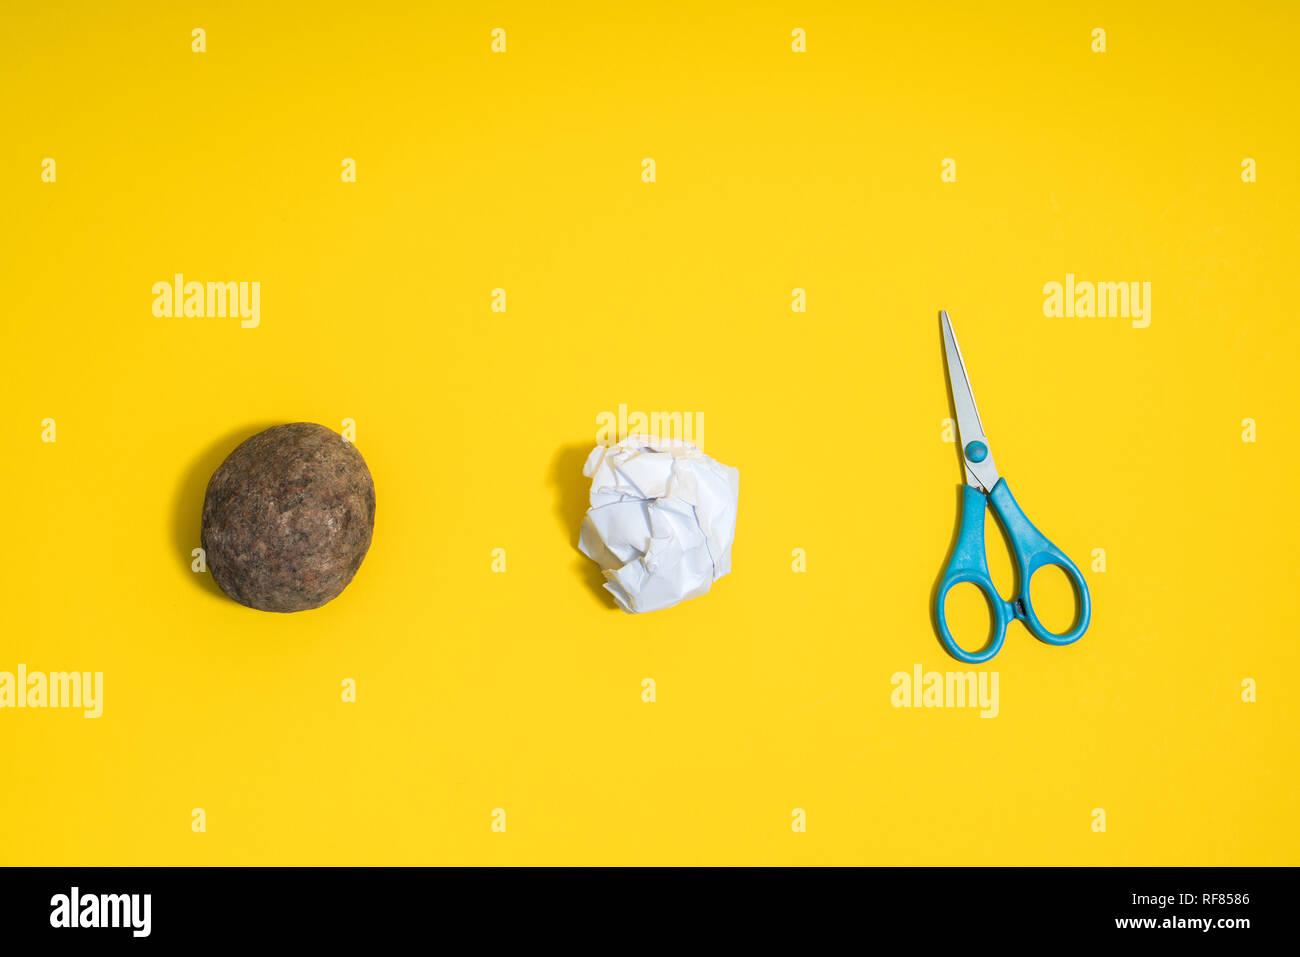 Rock, Paper, Scissors concetto. Scelta, il processo decisionale. Superiore Vista su sfondo giallo Immagini Stock